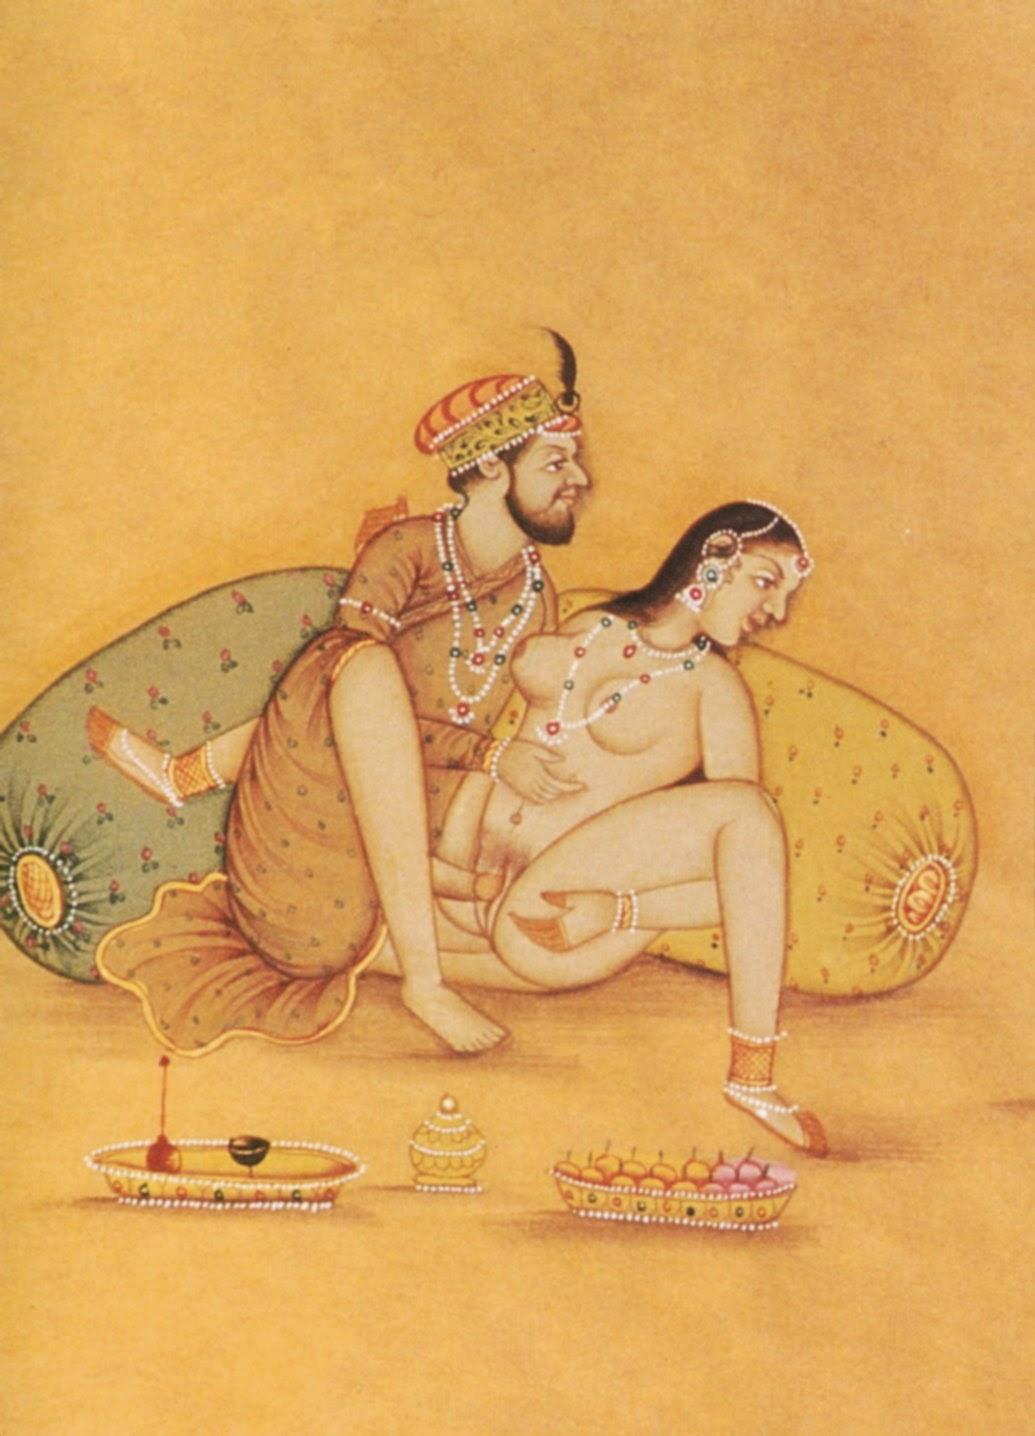 камасутра индийские картинки имеют